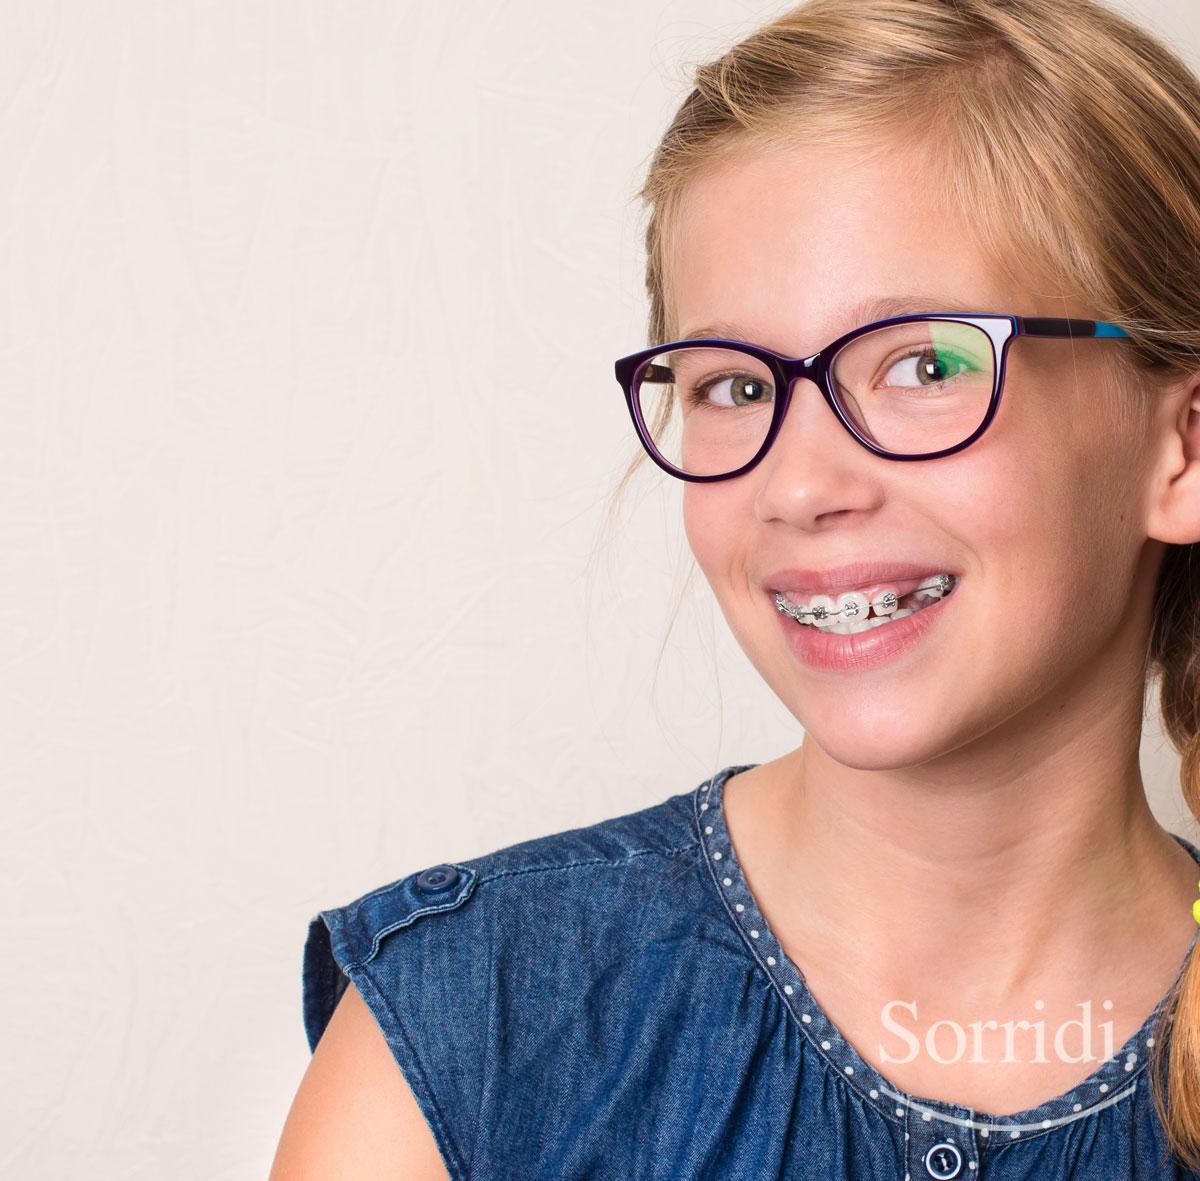 Sorridi-ch-magazine-bambini-con-apparecchio-ai-denti-consigli-per-i-genitori